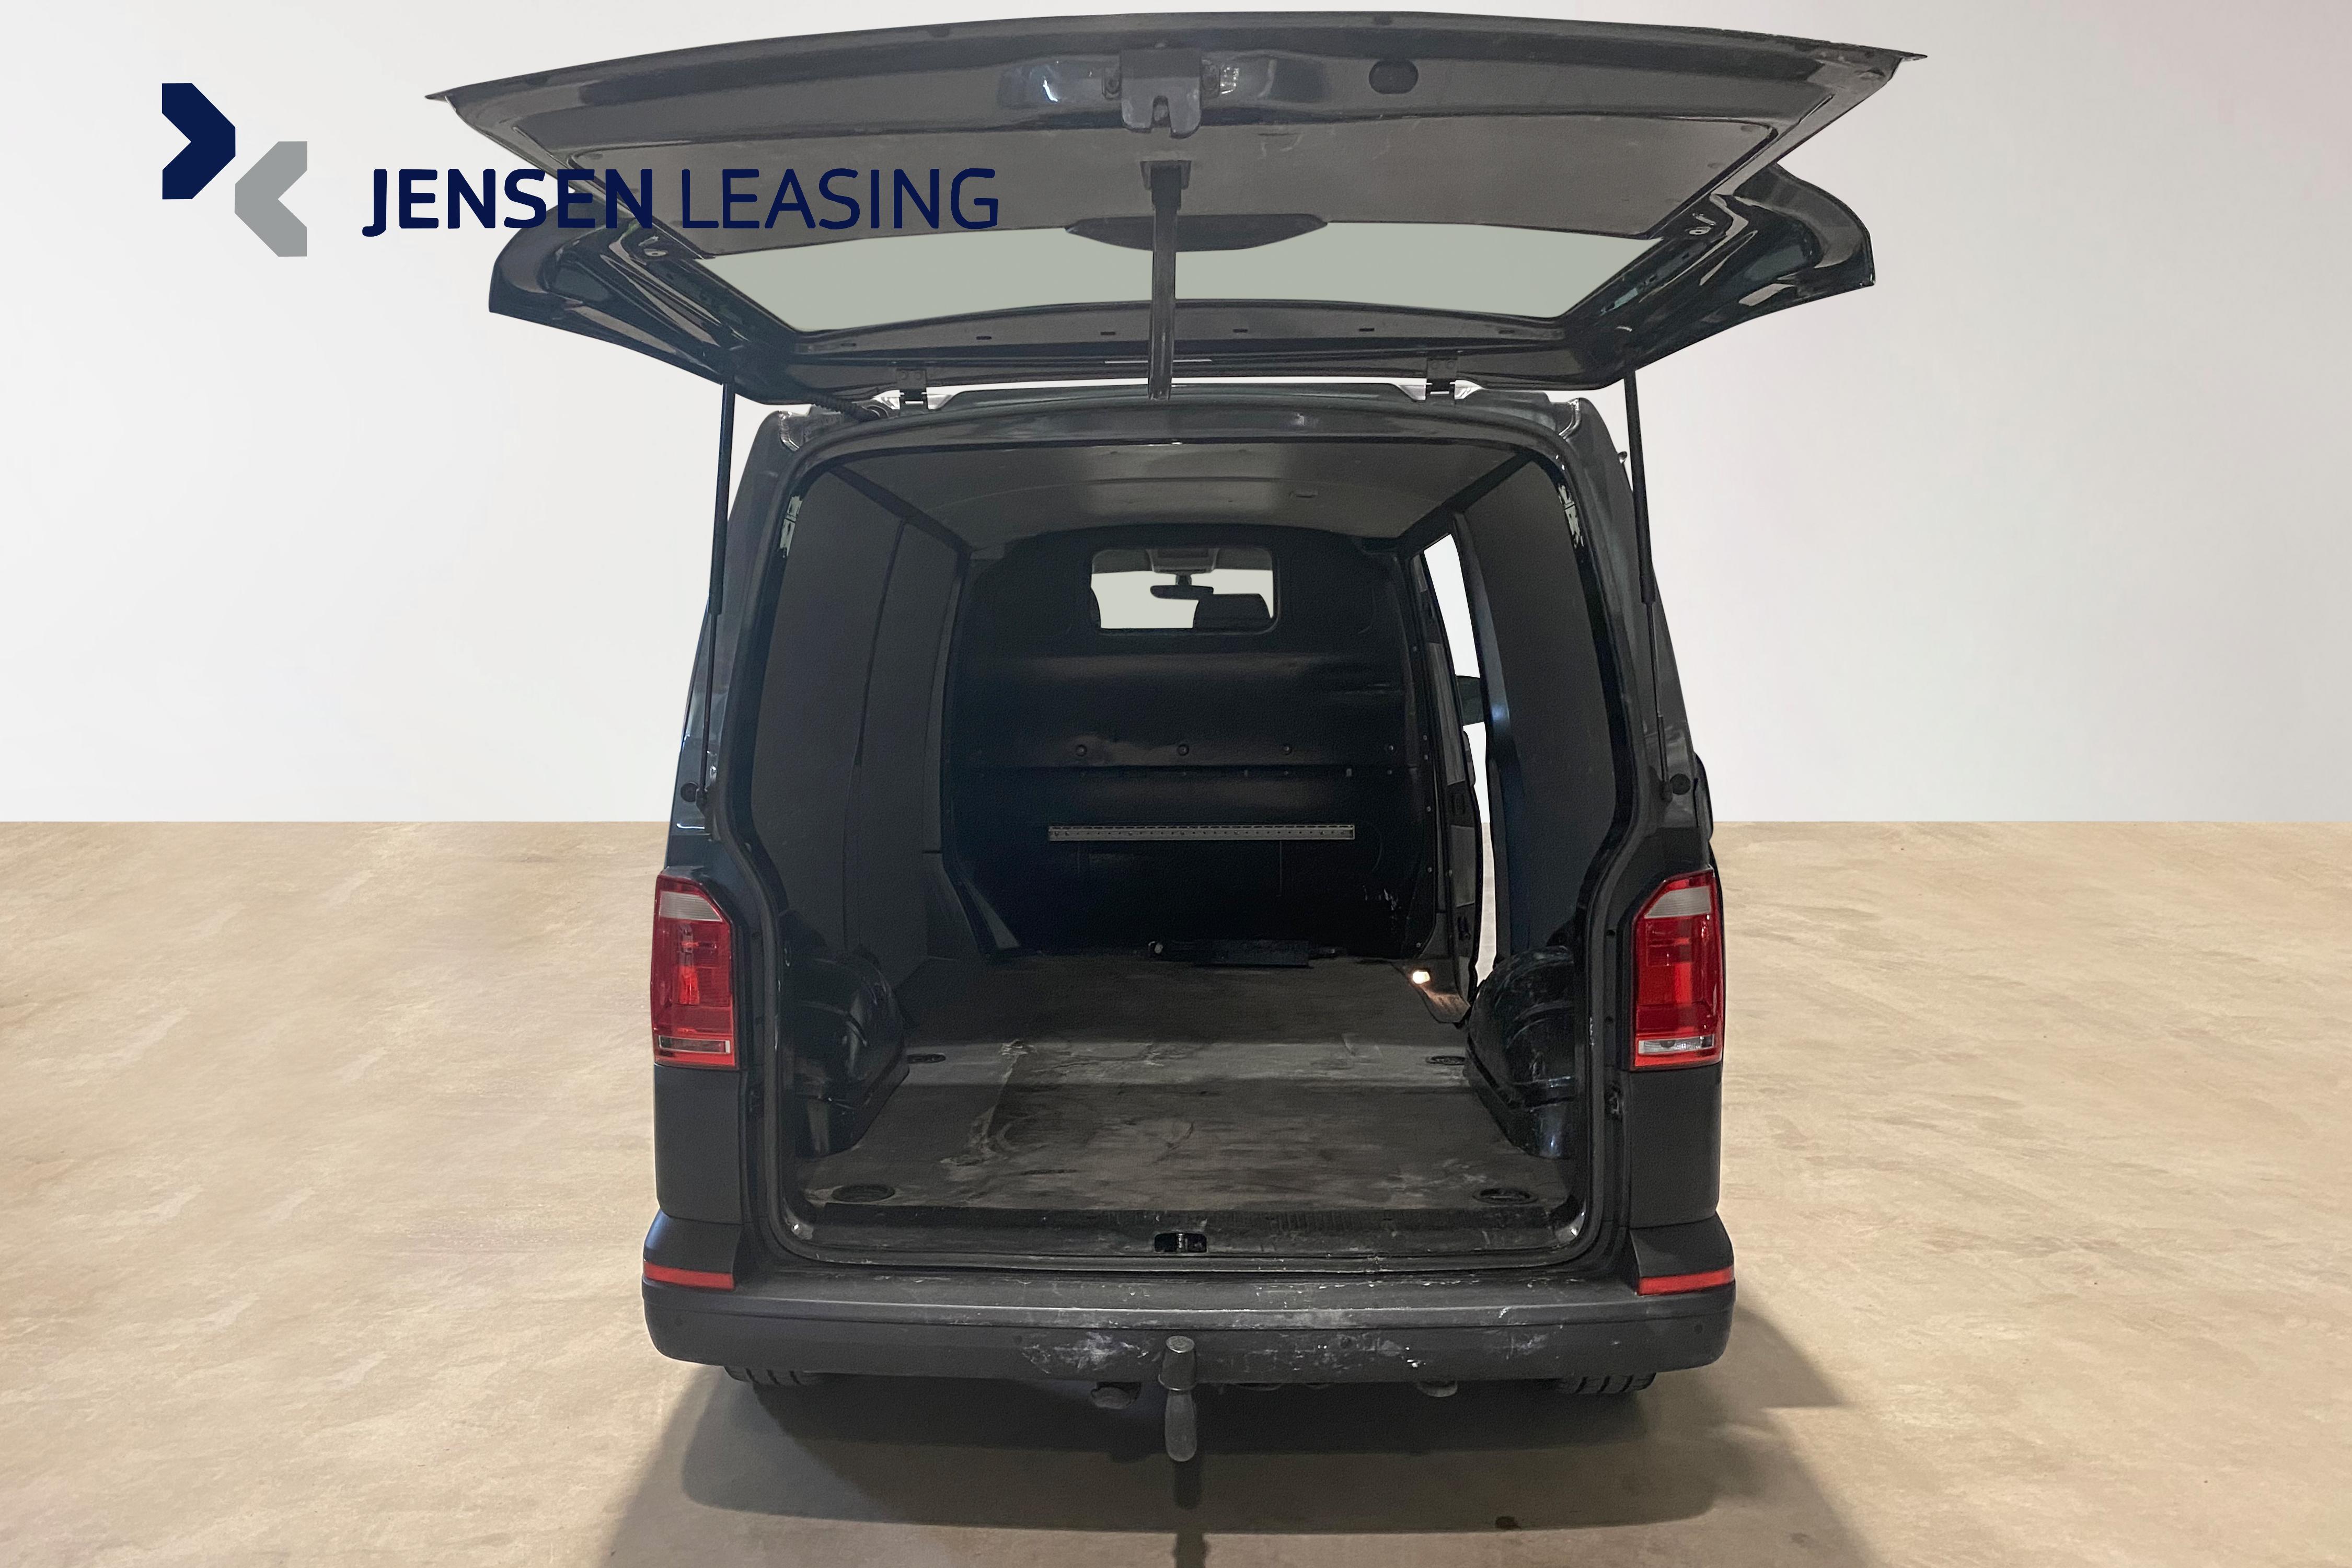 VW 2,0 TDi 150 Kassevogn DSG lang leasing